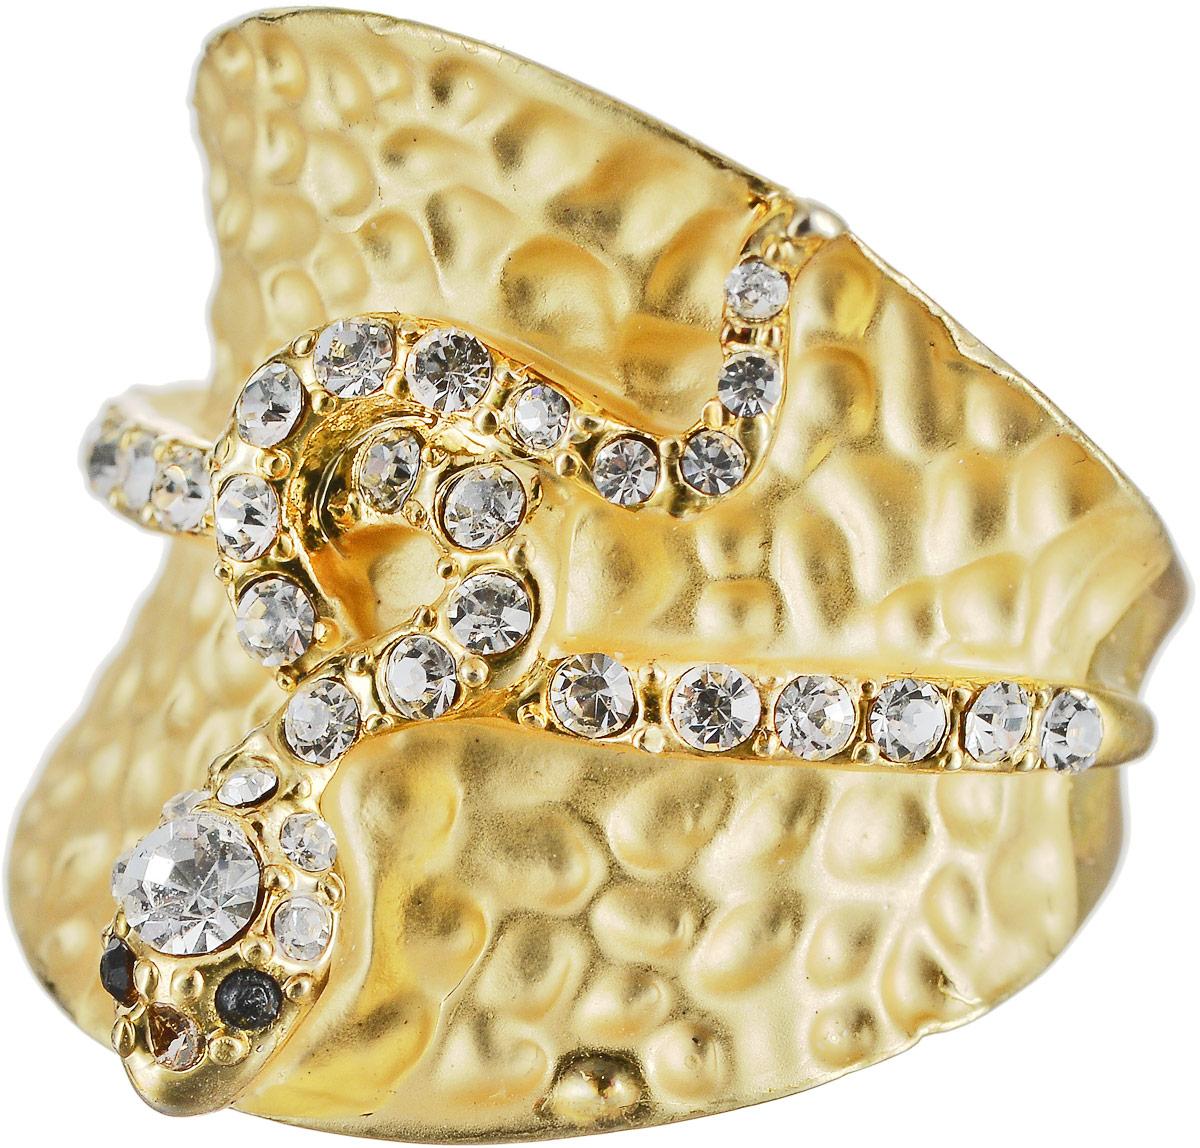 Кольцо Art-Silver, цвет: золотой. М341-540. Размер 17,5М341-540Оригинальное кольцо Art-Silver выполнено из бижутерного сплава с гальваническим покрытием. Кольцо украшено декоративными вставками. Элегантное кольцо Art-Silver превосходно дополнит ваш образ и подчеркнет отменное чувство стиля своей обладательницы.